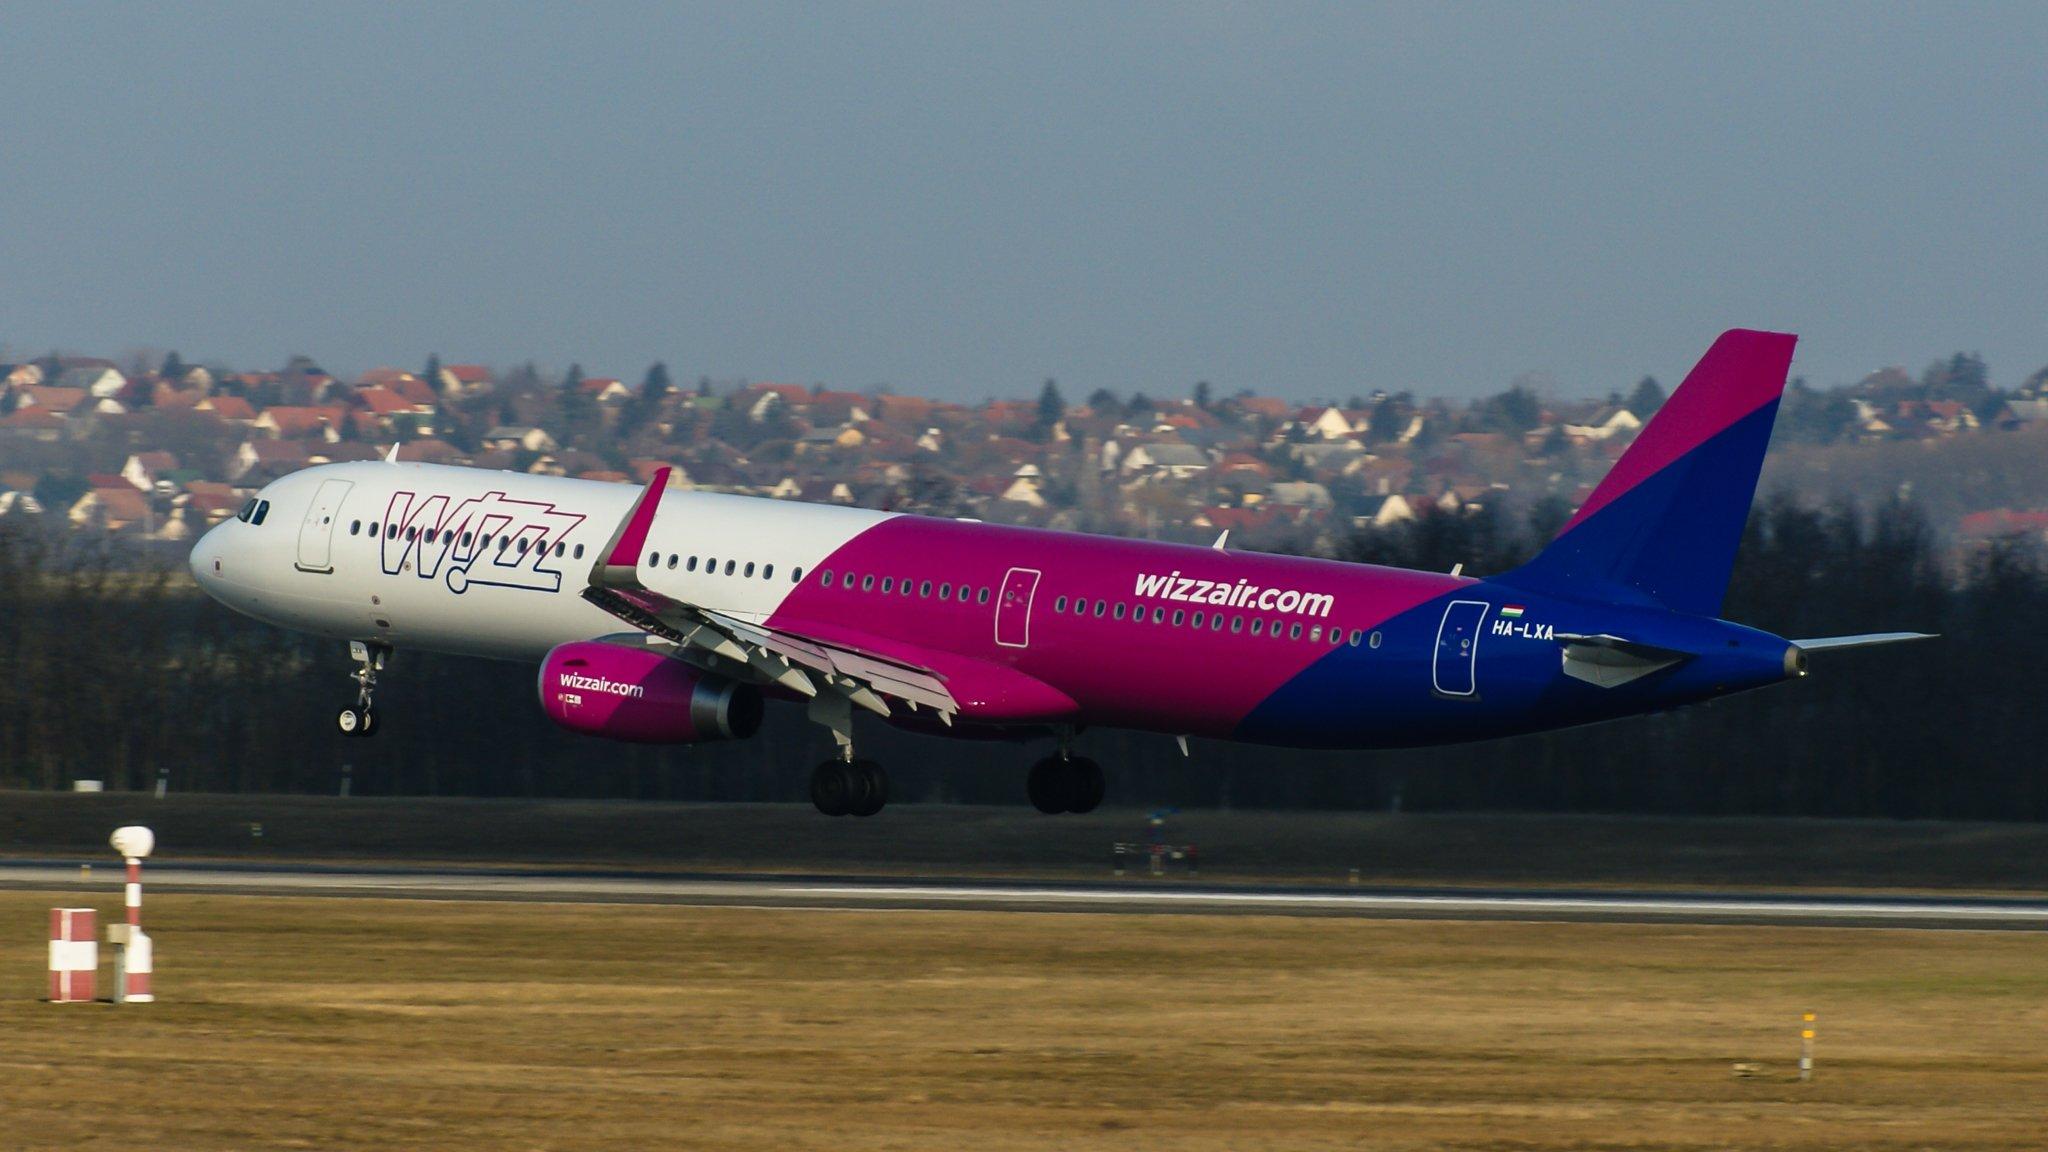 Ein A321 von Wizzair während der Landung